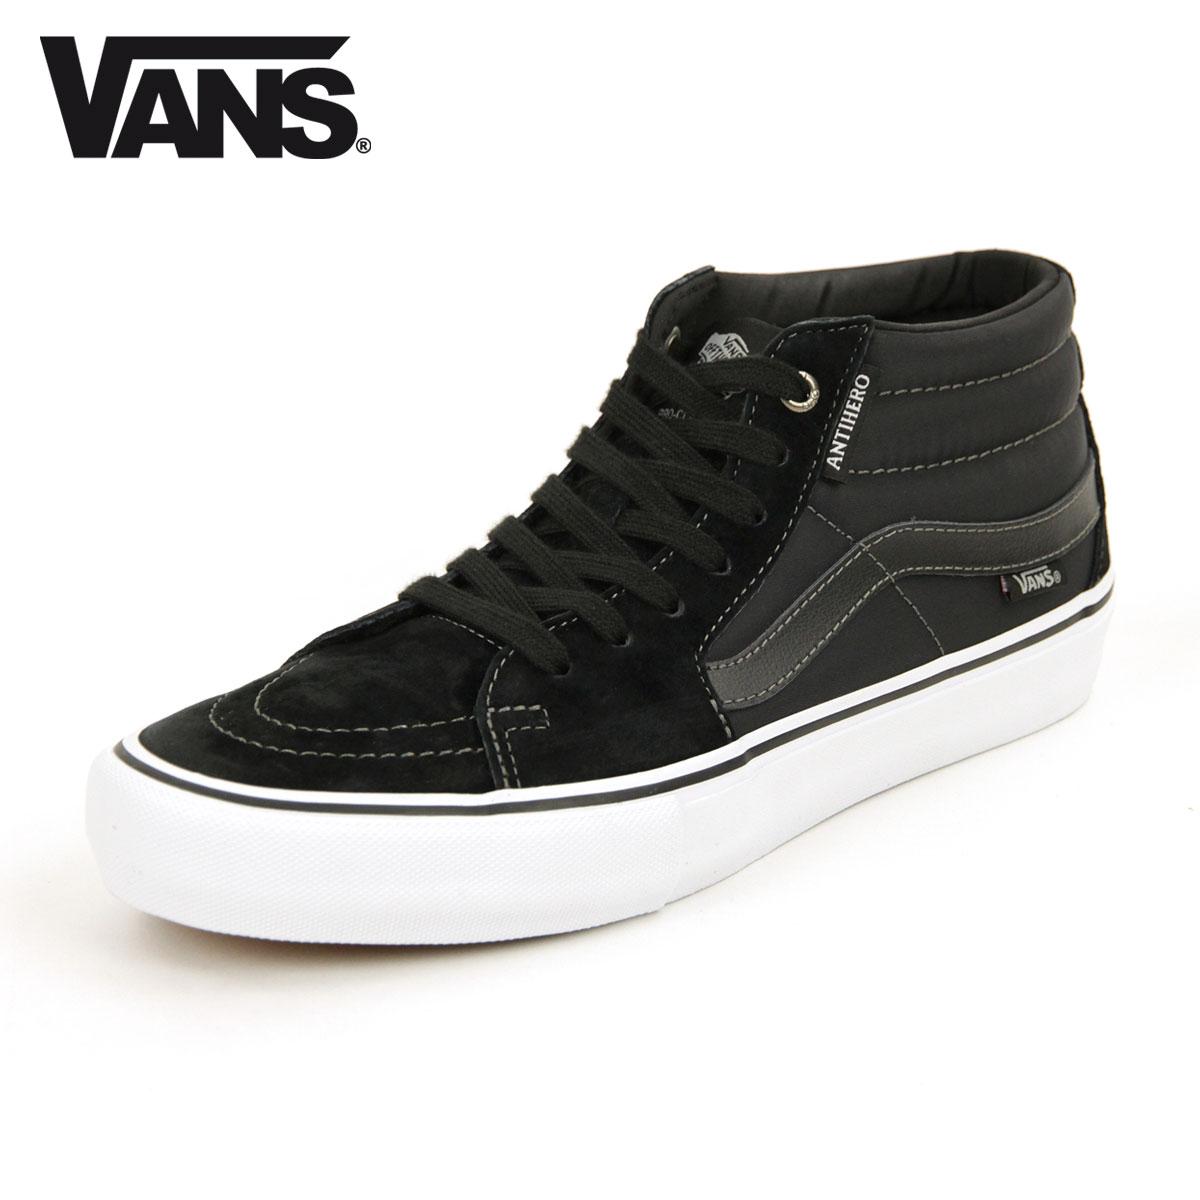 バンズ VANS 正規販売店 メンズ スニーカー スケートミッド プロ VANS SK8-MID PRO GROSSO/BLACK VN0A347UVGD